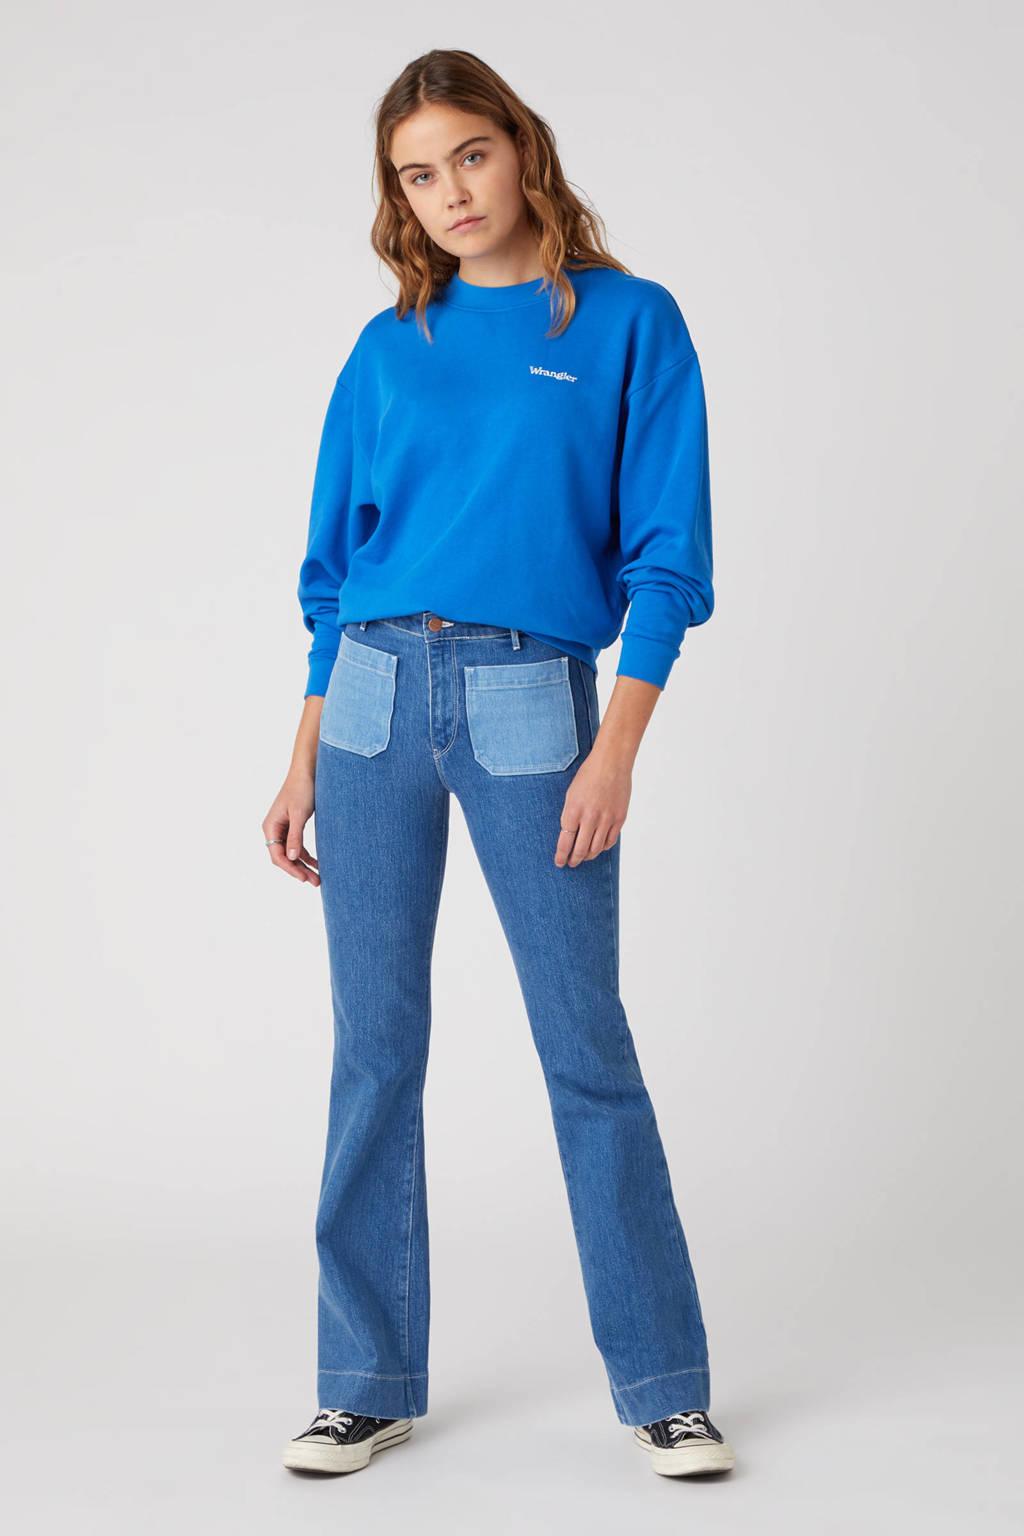 Wrangler high waist flared jeans dancing queen, Dancing Queen